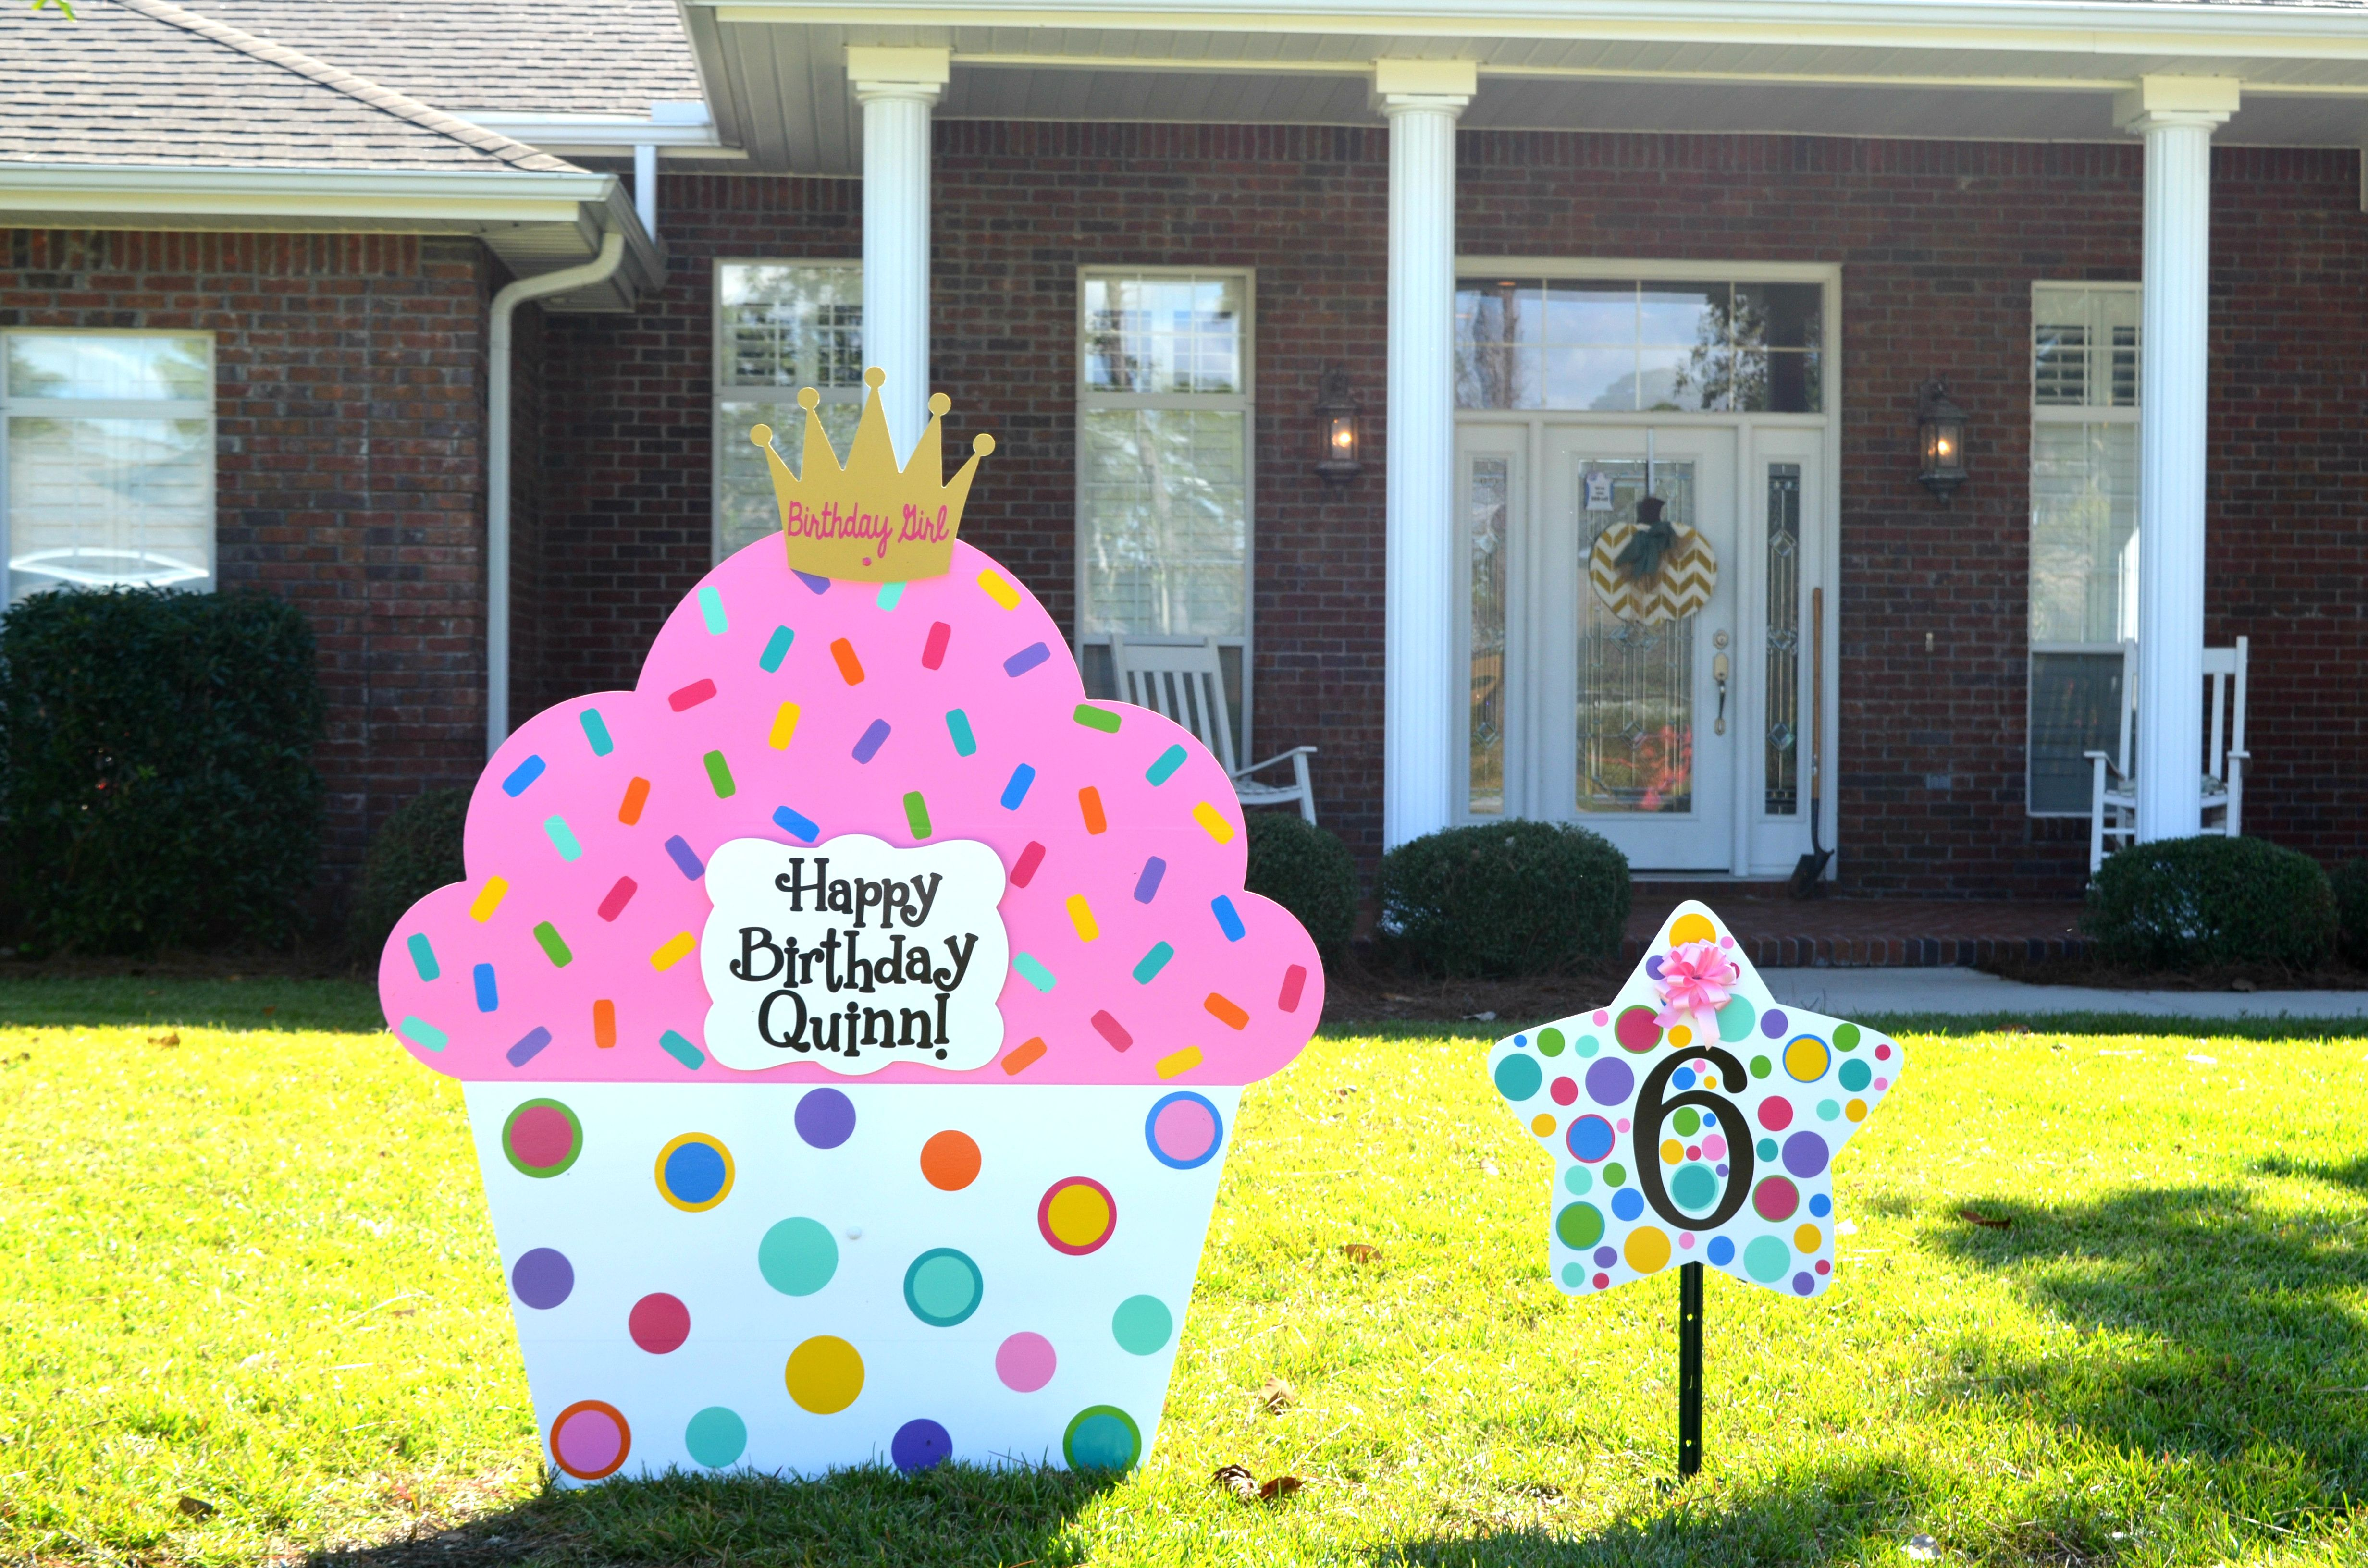 Birthday lawn greeting destin fl yard signs giant